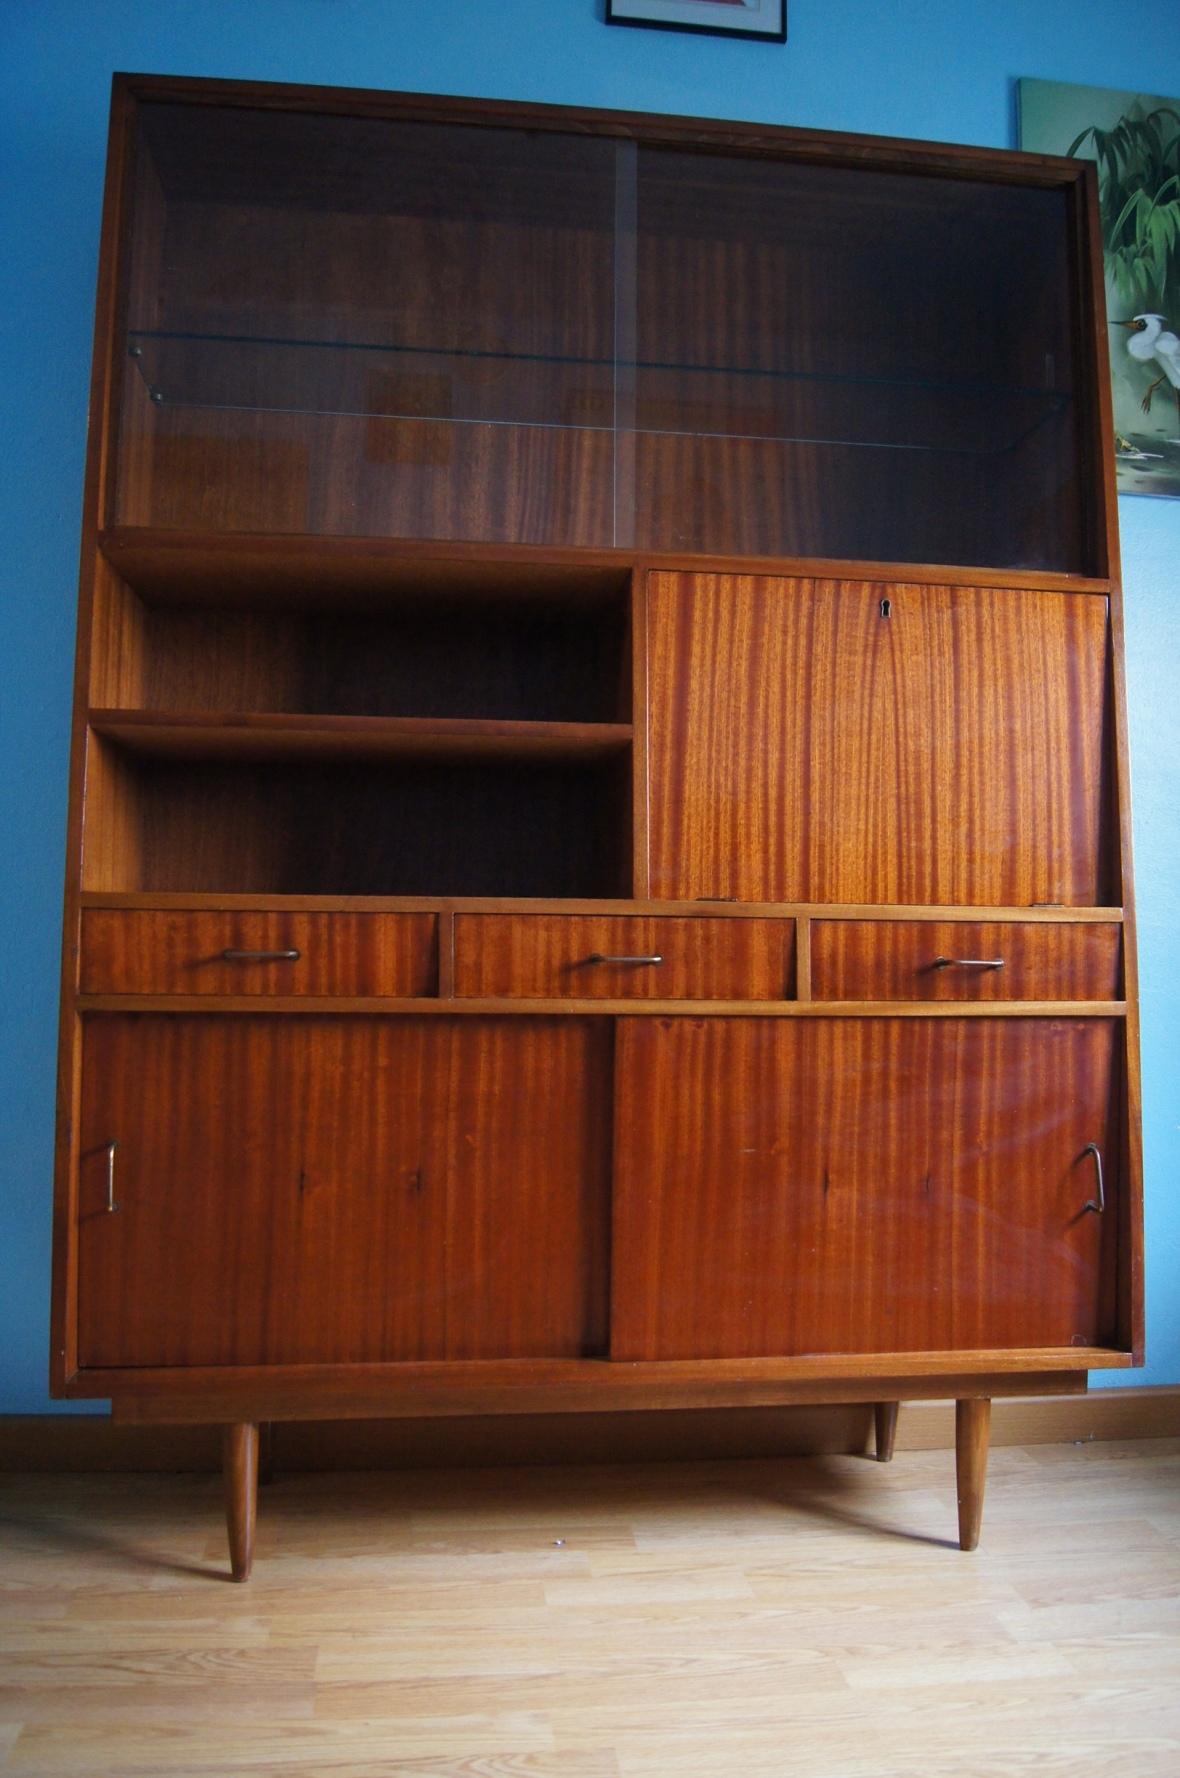 Librer a vintage de los a os 60 formas trapezoidales - Muebles anos 60 ...